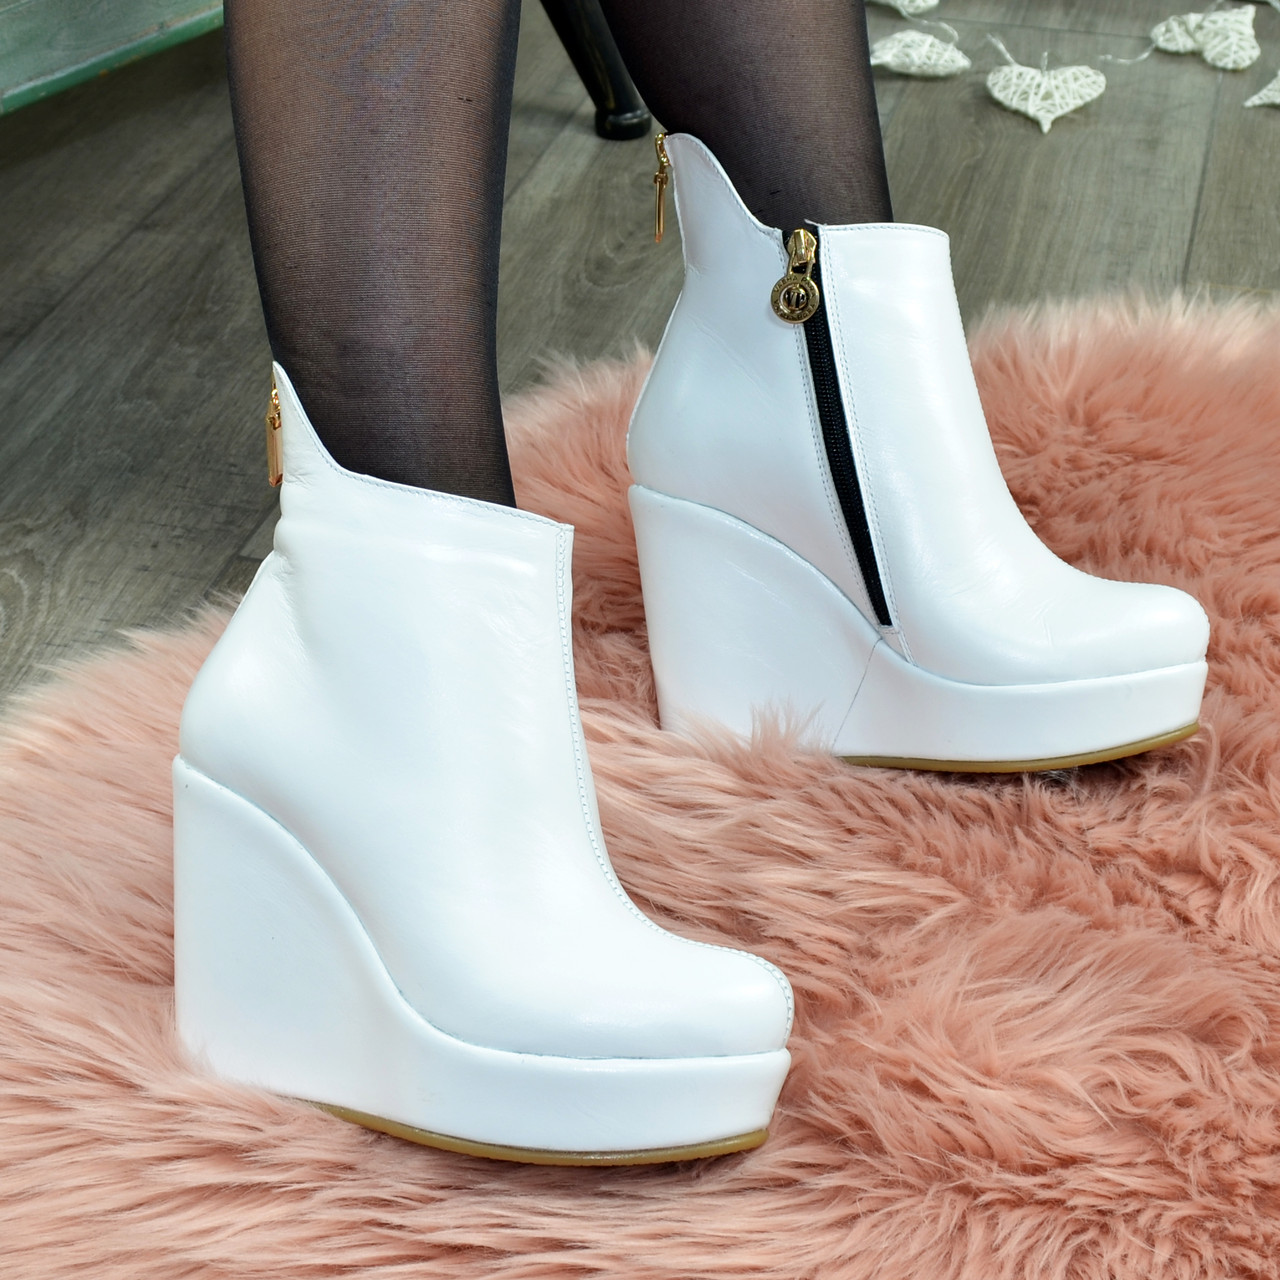 Ботинки кожаные женские демисезонные на платформе, декорированы молнией. Цвет белый. 36 размер